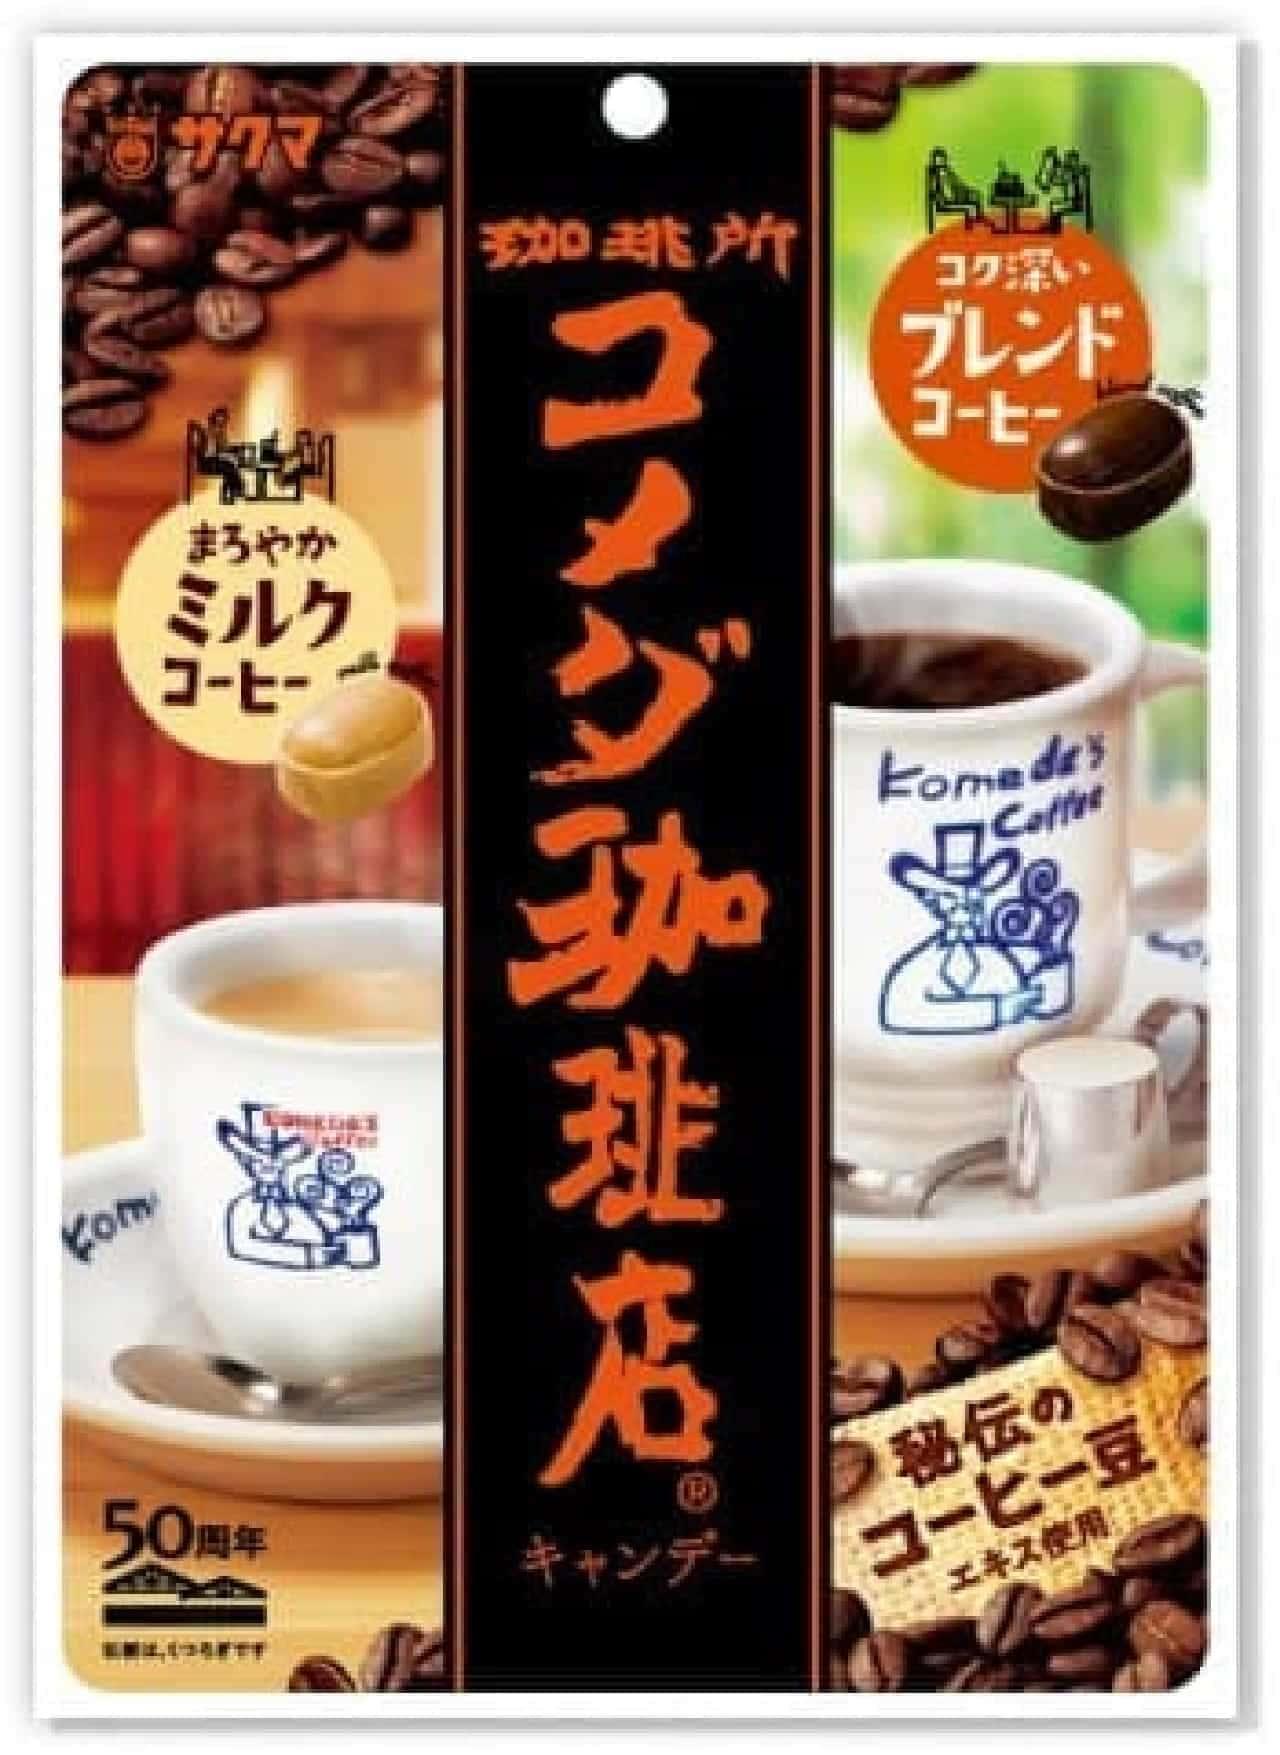 コメダとサクマ製菓がコラボ!「コメダ珈琲店キャンデー」